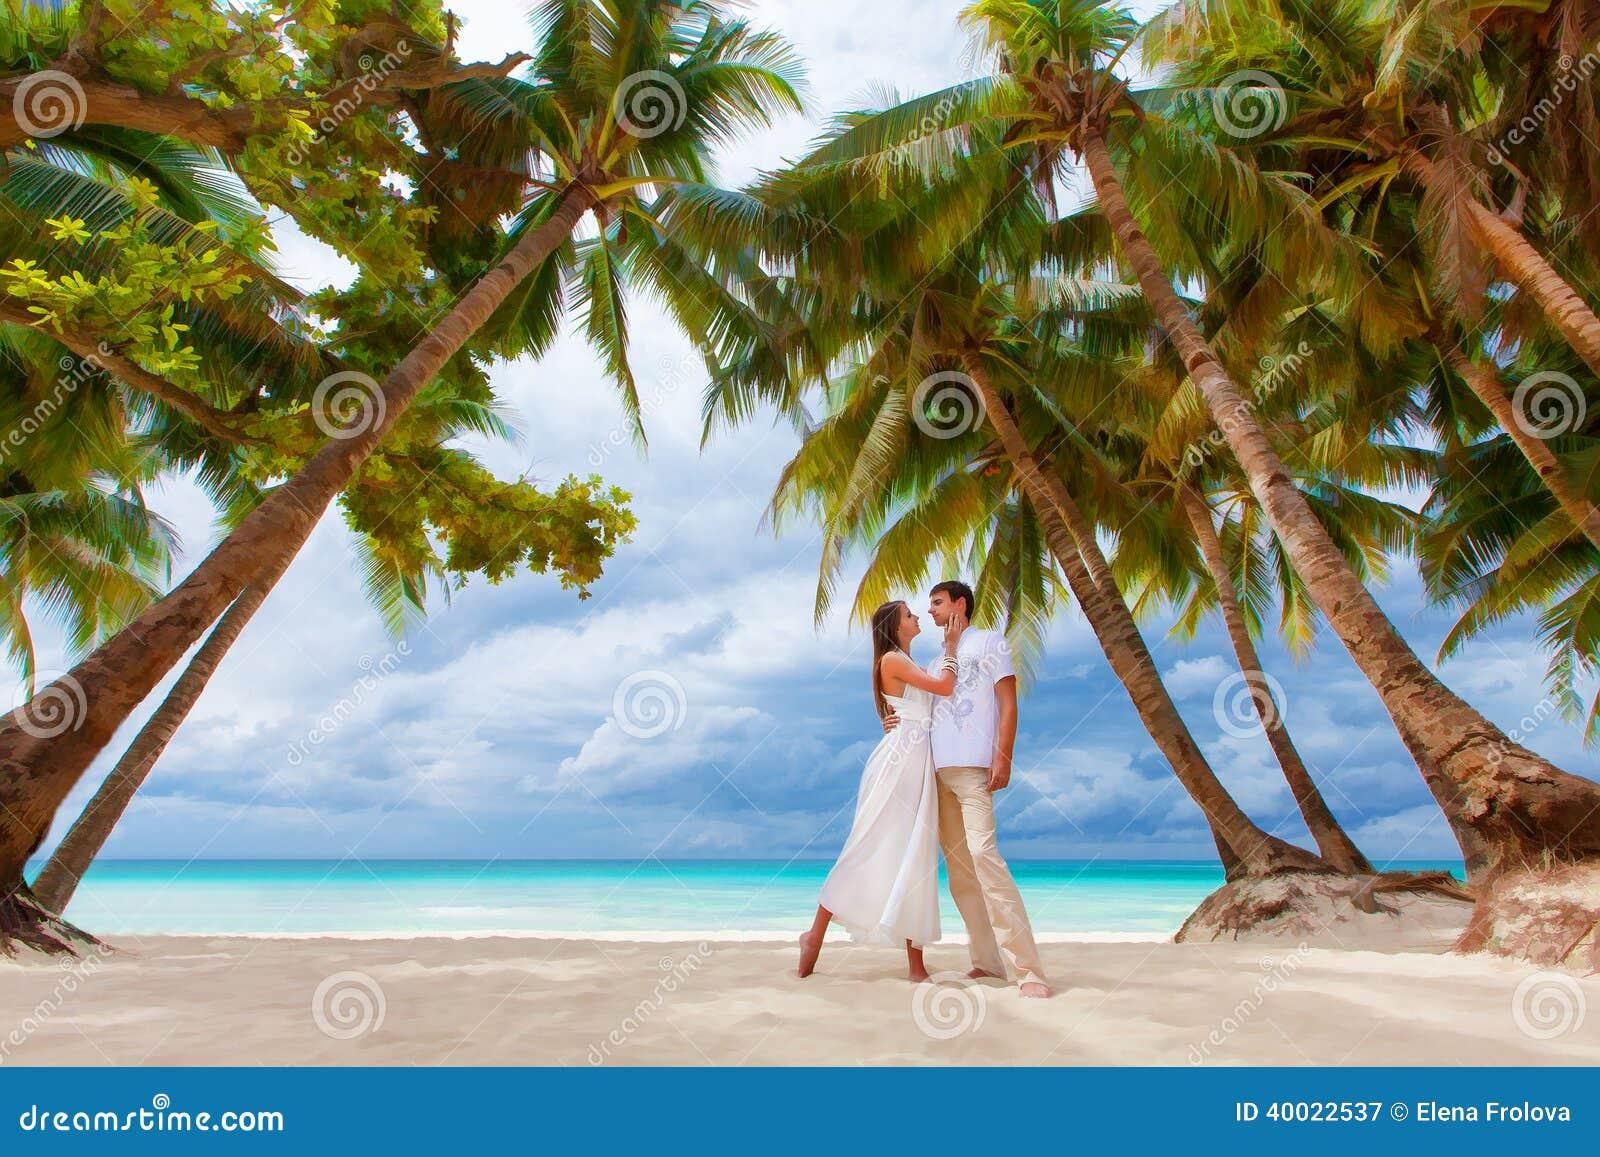 Pares loving na praia tropical com palmeiras, casamento o